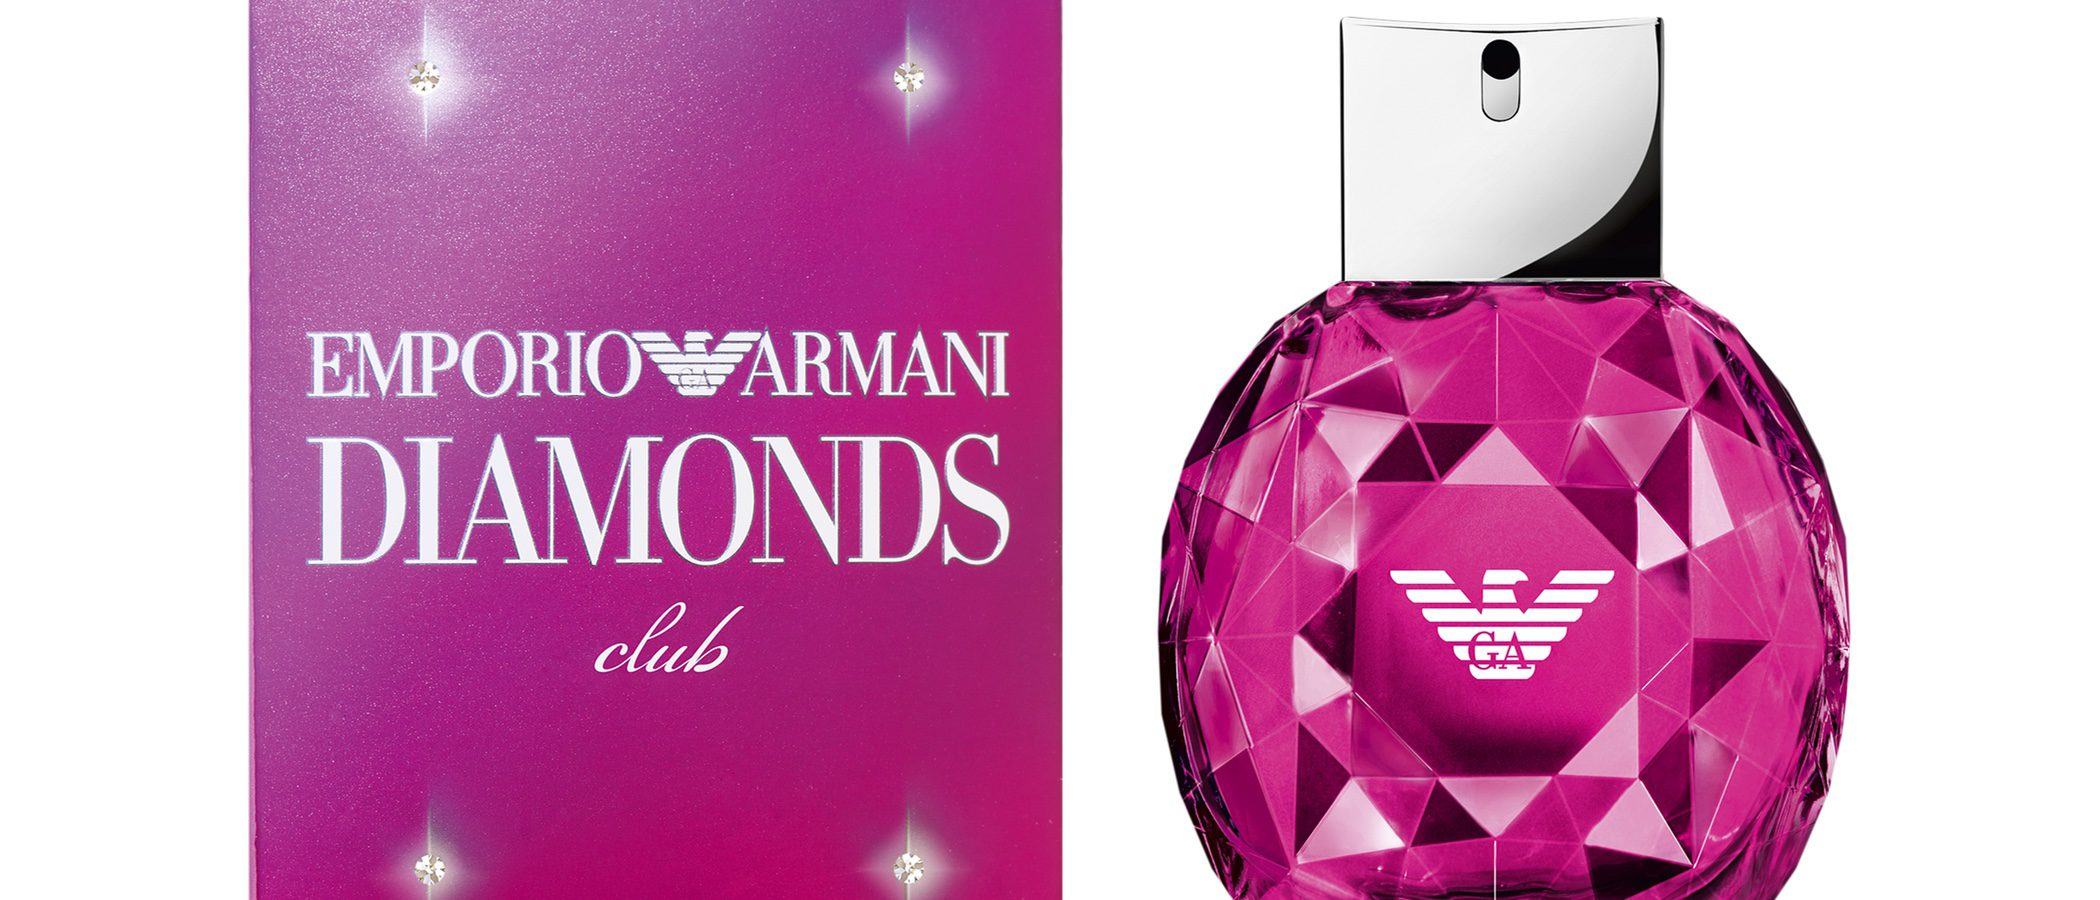 Llegan las apasionadas fragancias de 'Emporio Armani Diamonds'